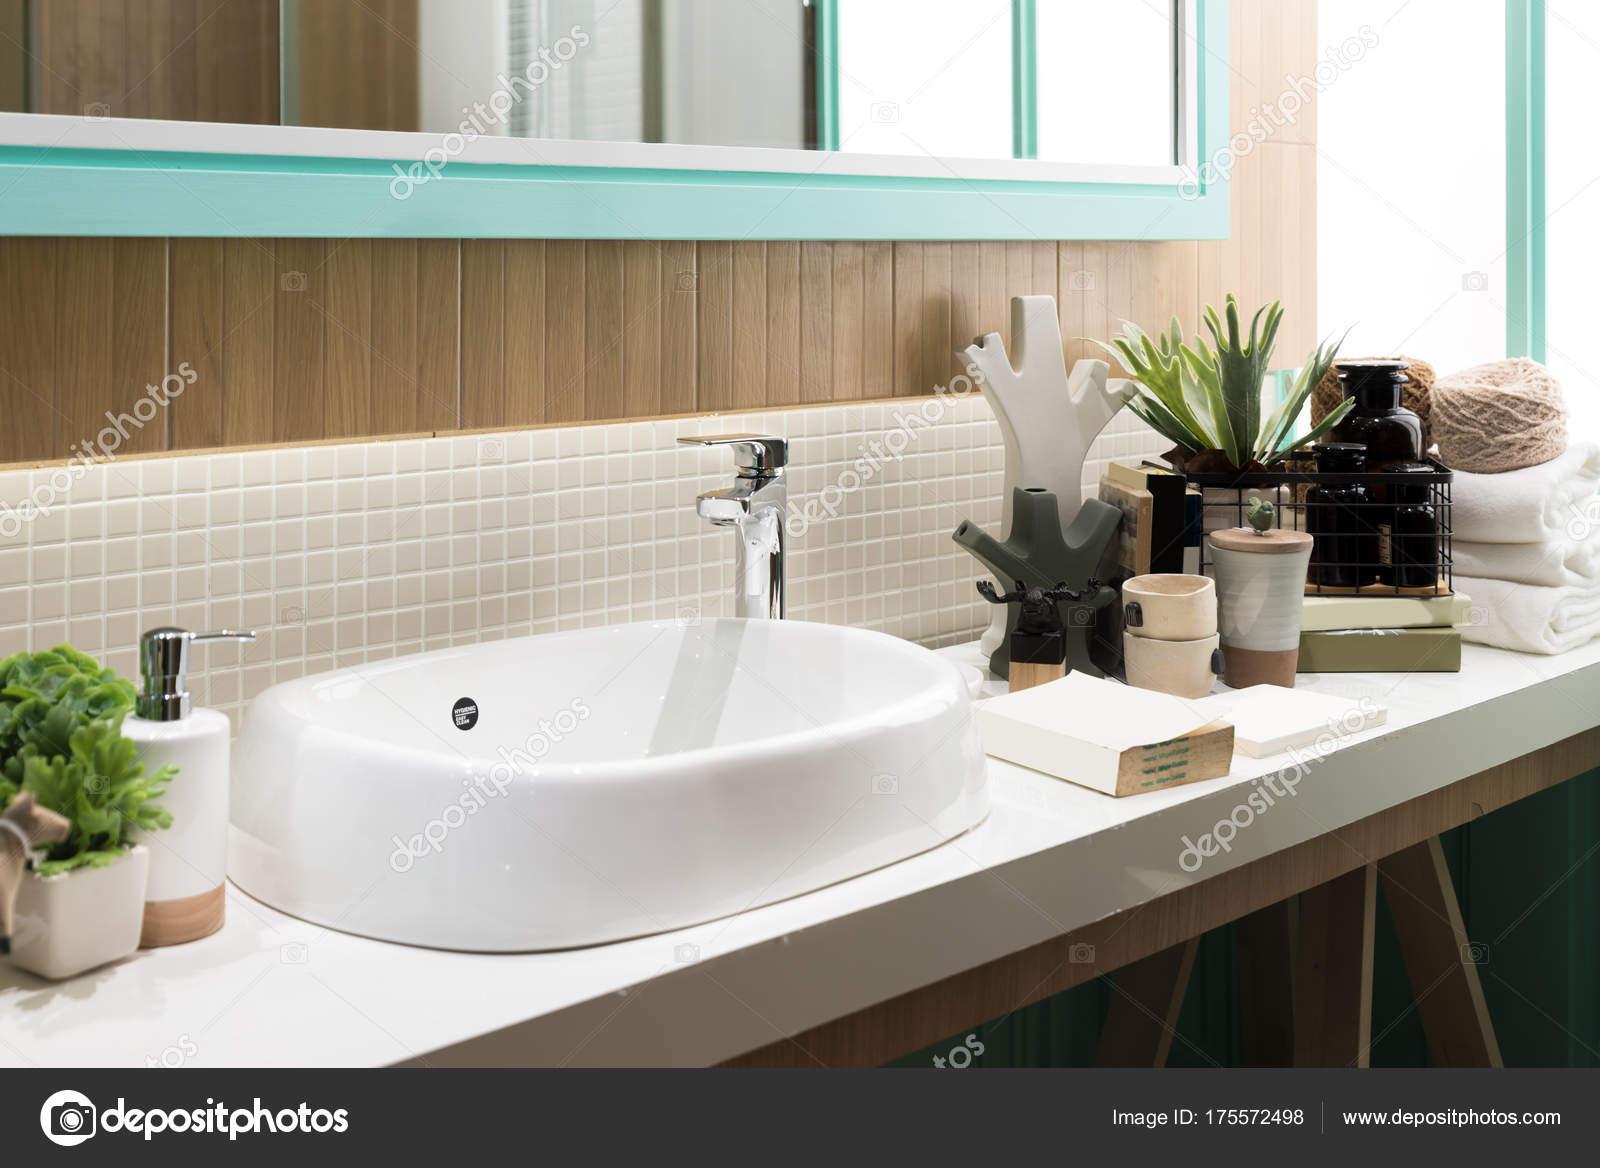 Lavandini Da Bagno Moderni : Interiore della stanza da bagno con lavandino rubinetto del lavabo e